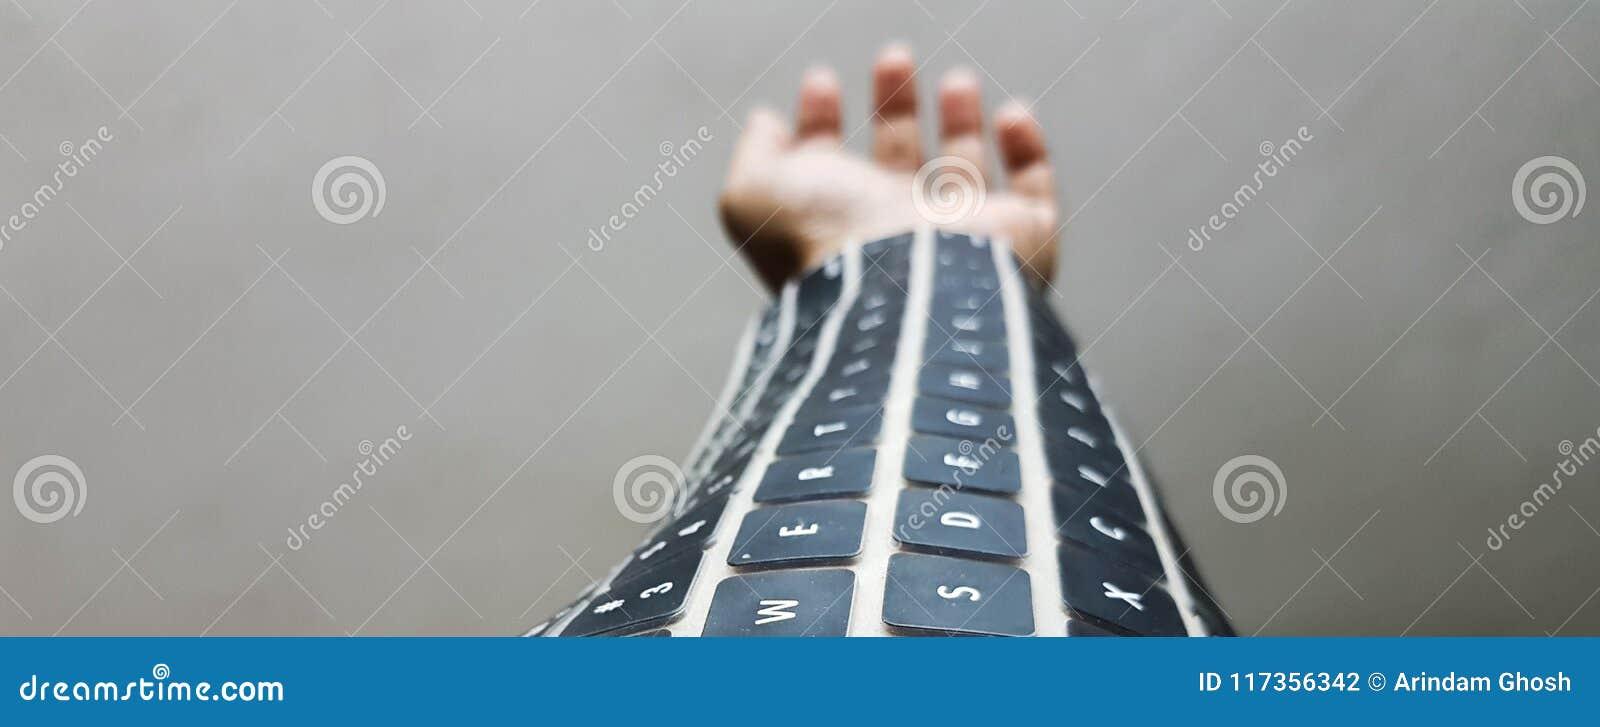 Tragbare Tastatur auf Arm zukünftige drahtlose Technologie